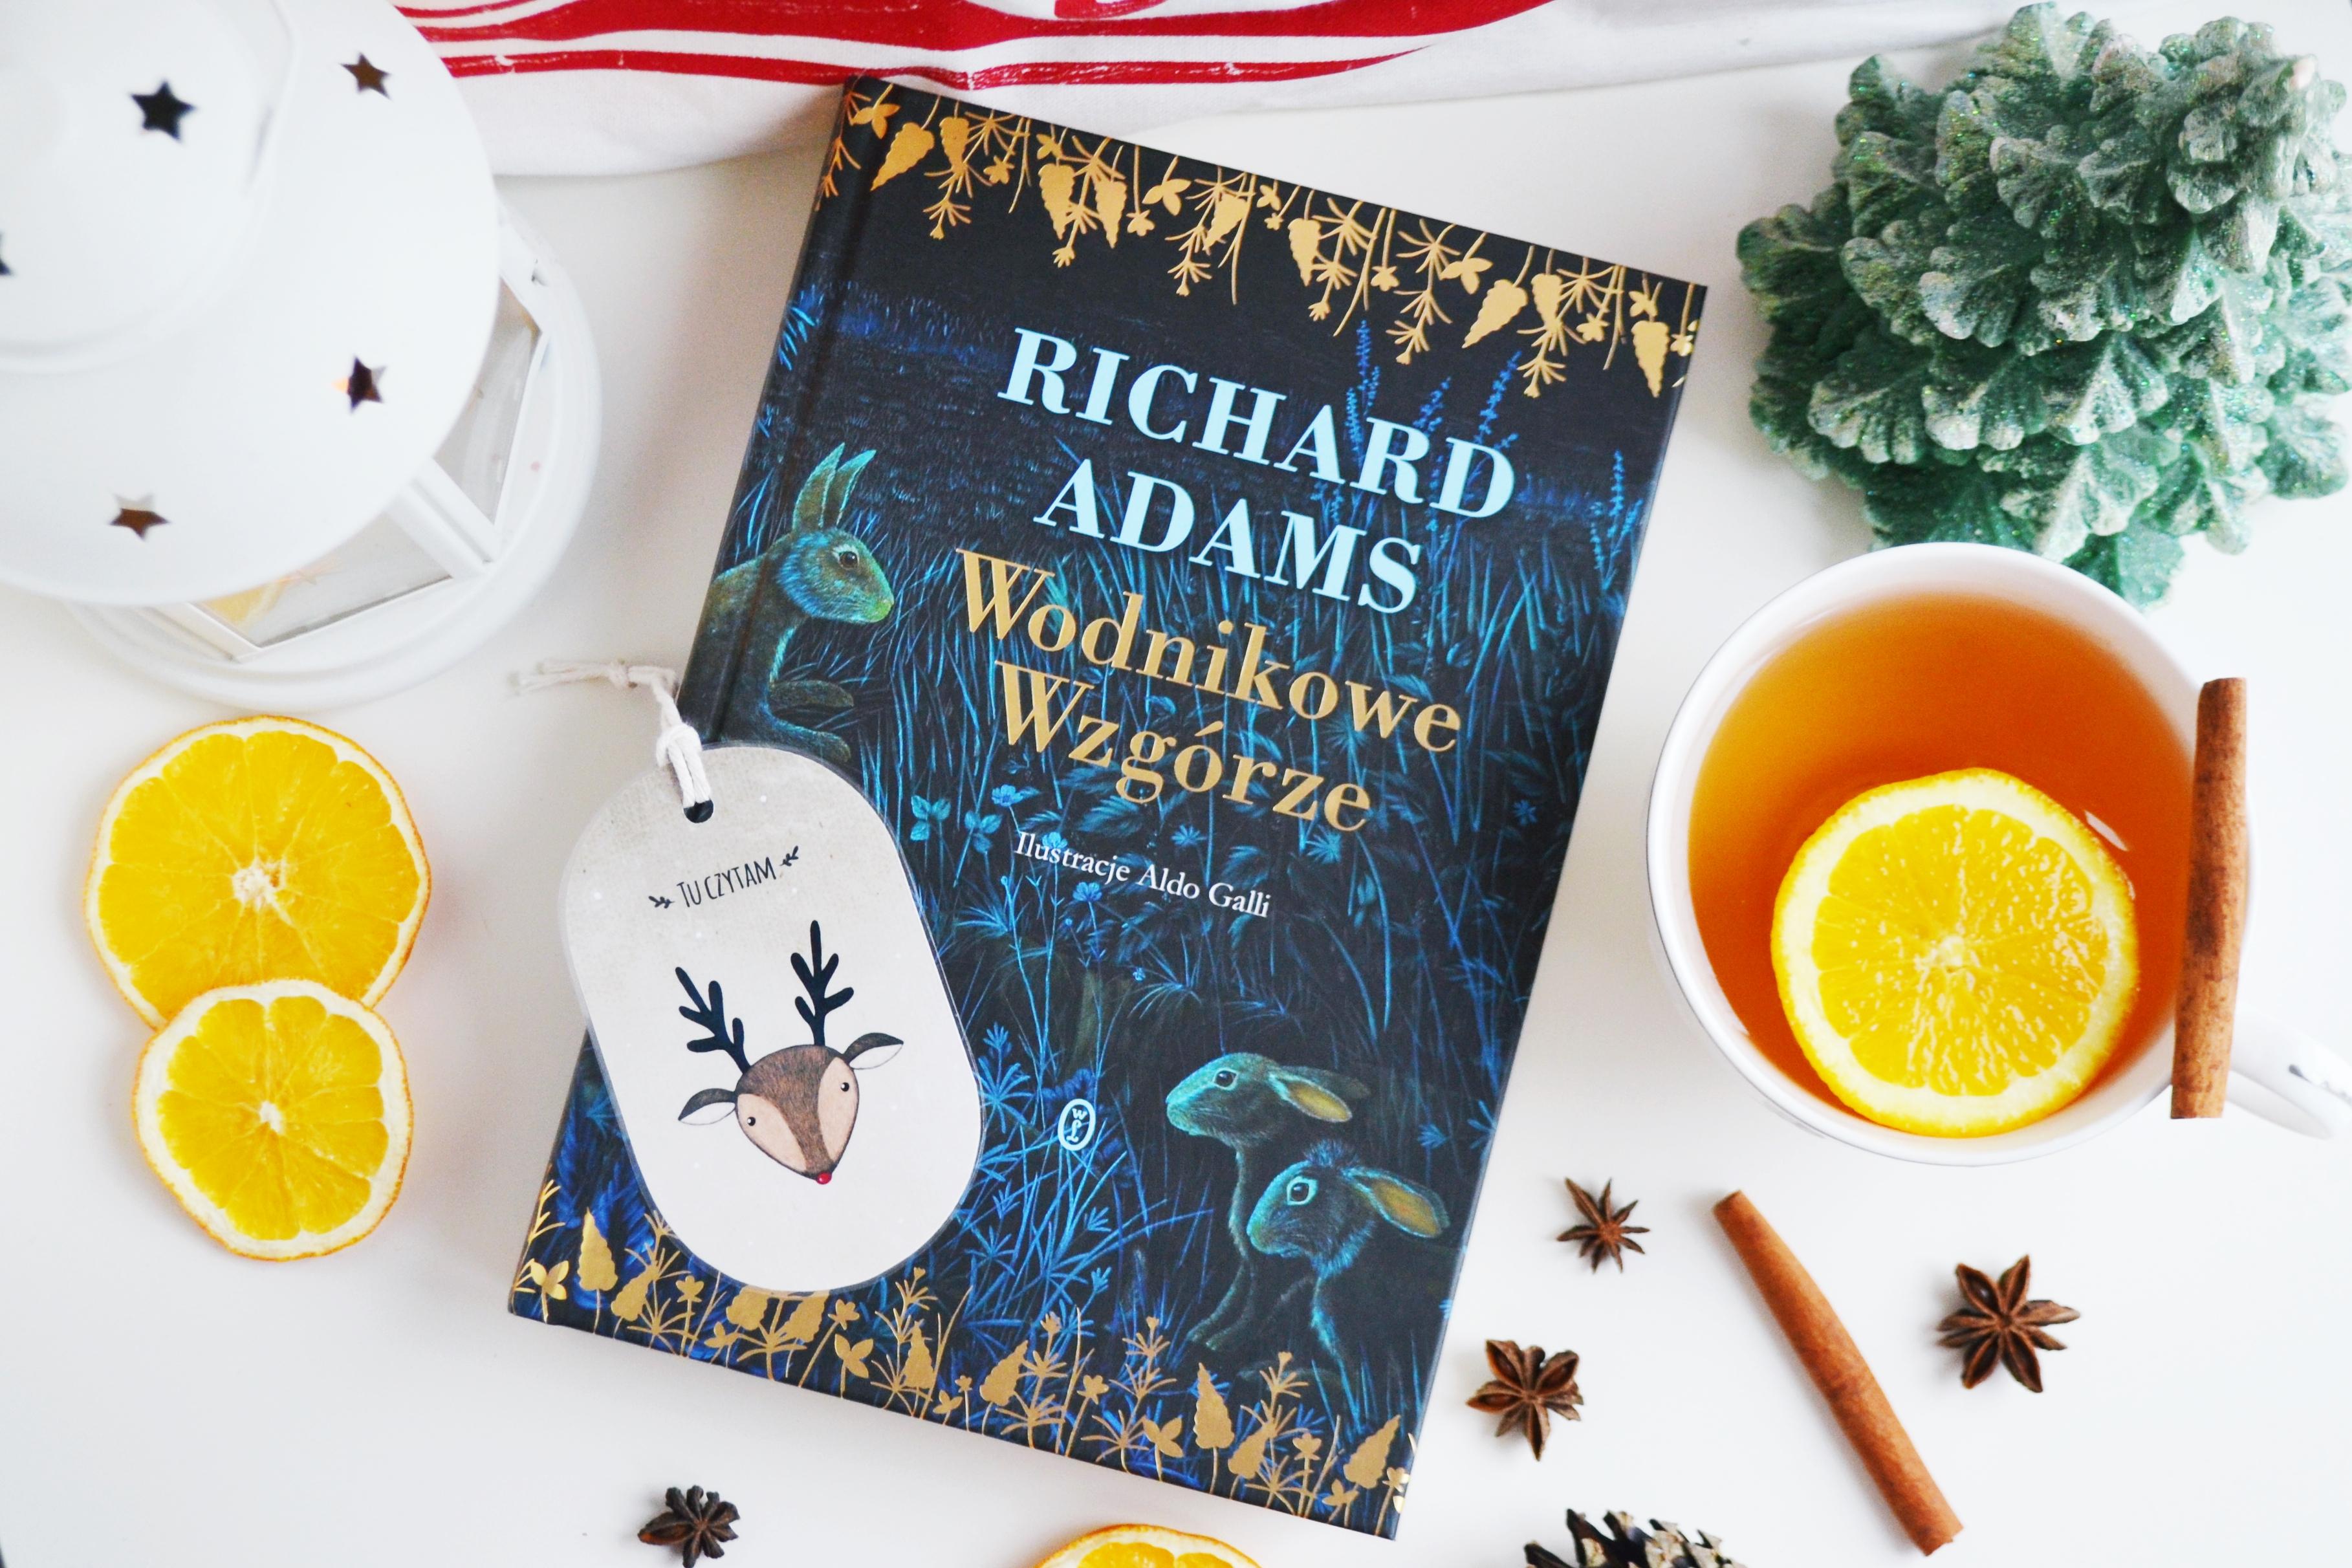 wodnikowe-wzgorze-richard-adams